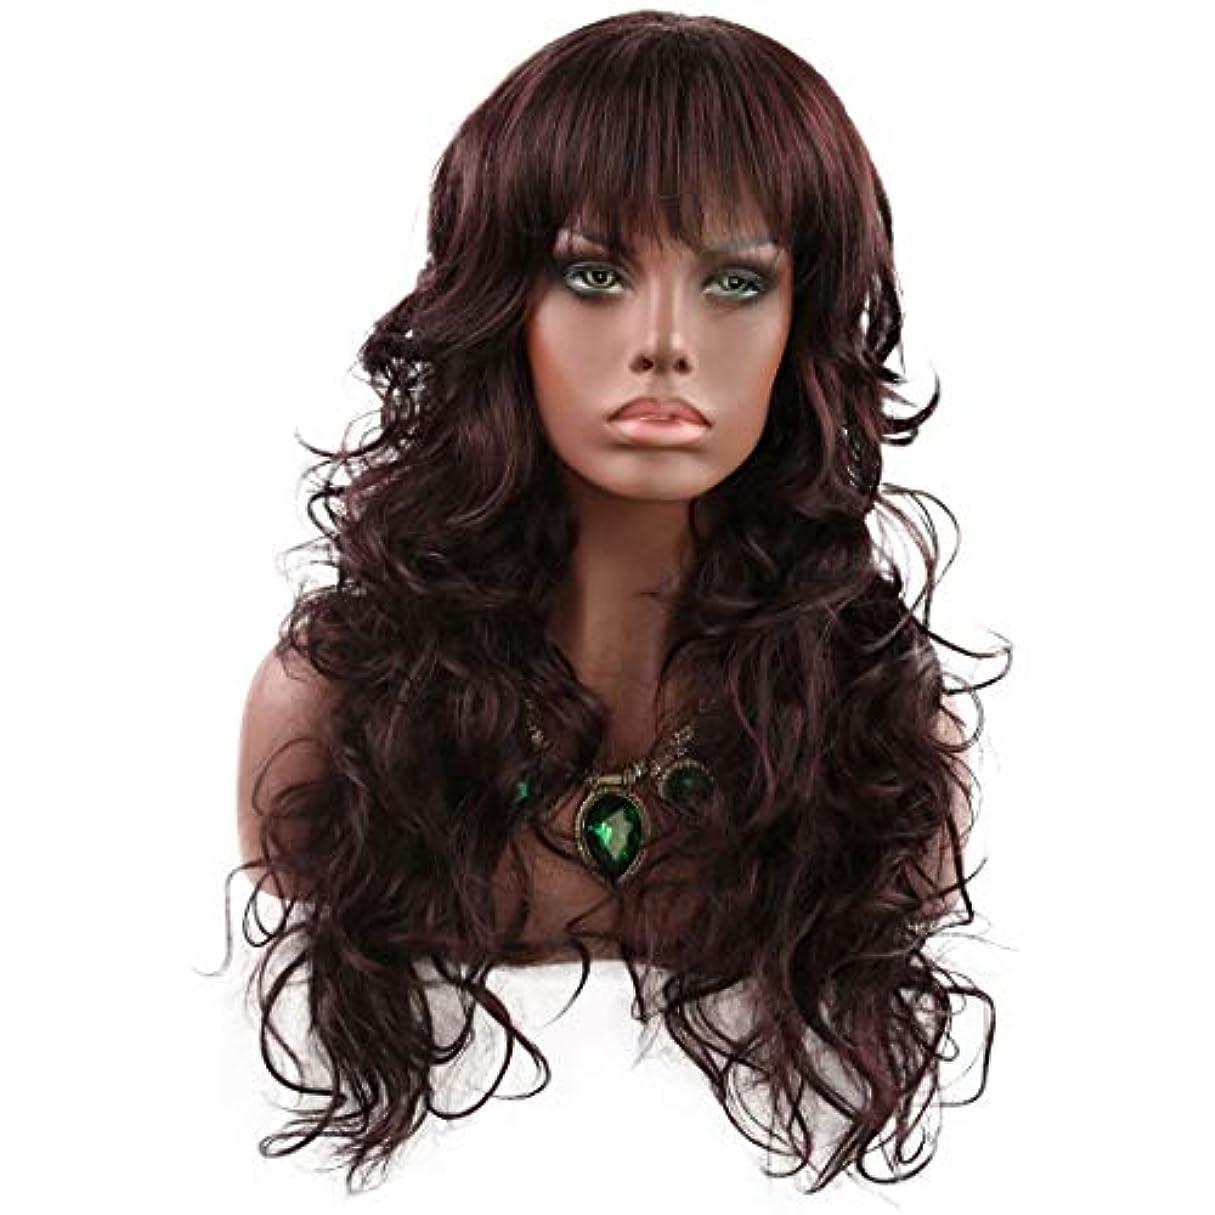 フラップ親指薬用JIANFU レディースロングカーリーフラットバンズヘア仮装パーティー小道具ライト耐熱ワイヤー合成ウィッグ (Color : Dark brown, サイズ : 190-210cm)